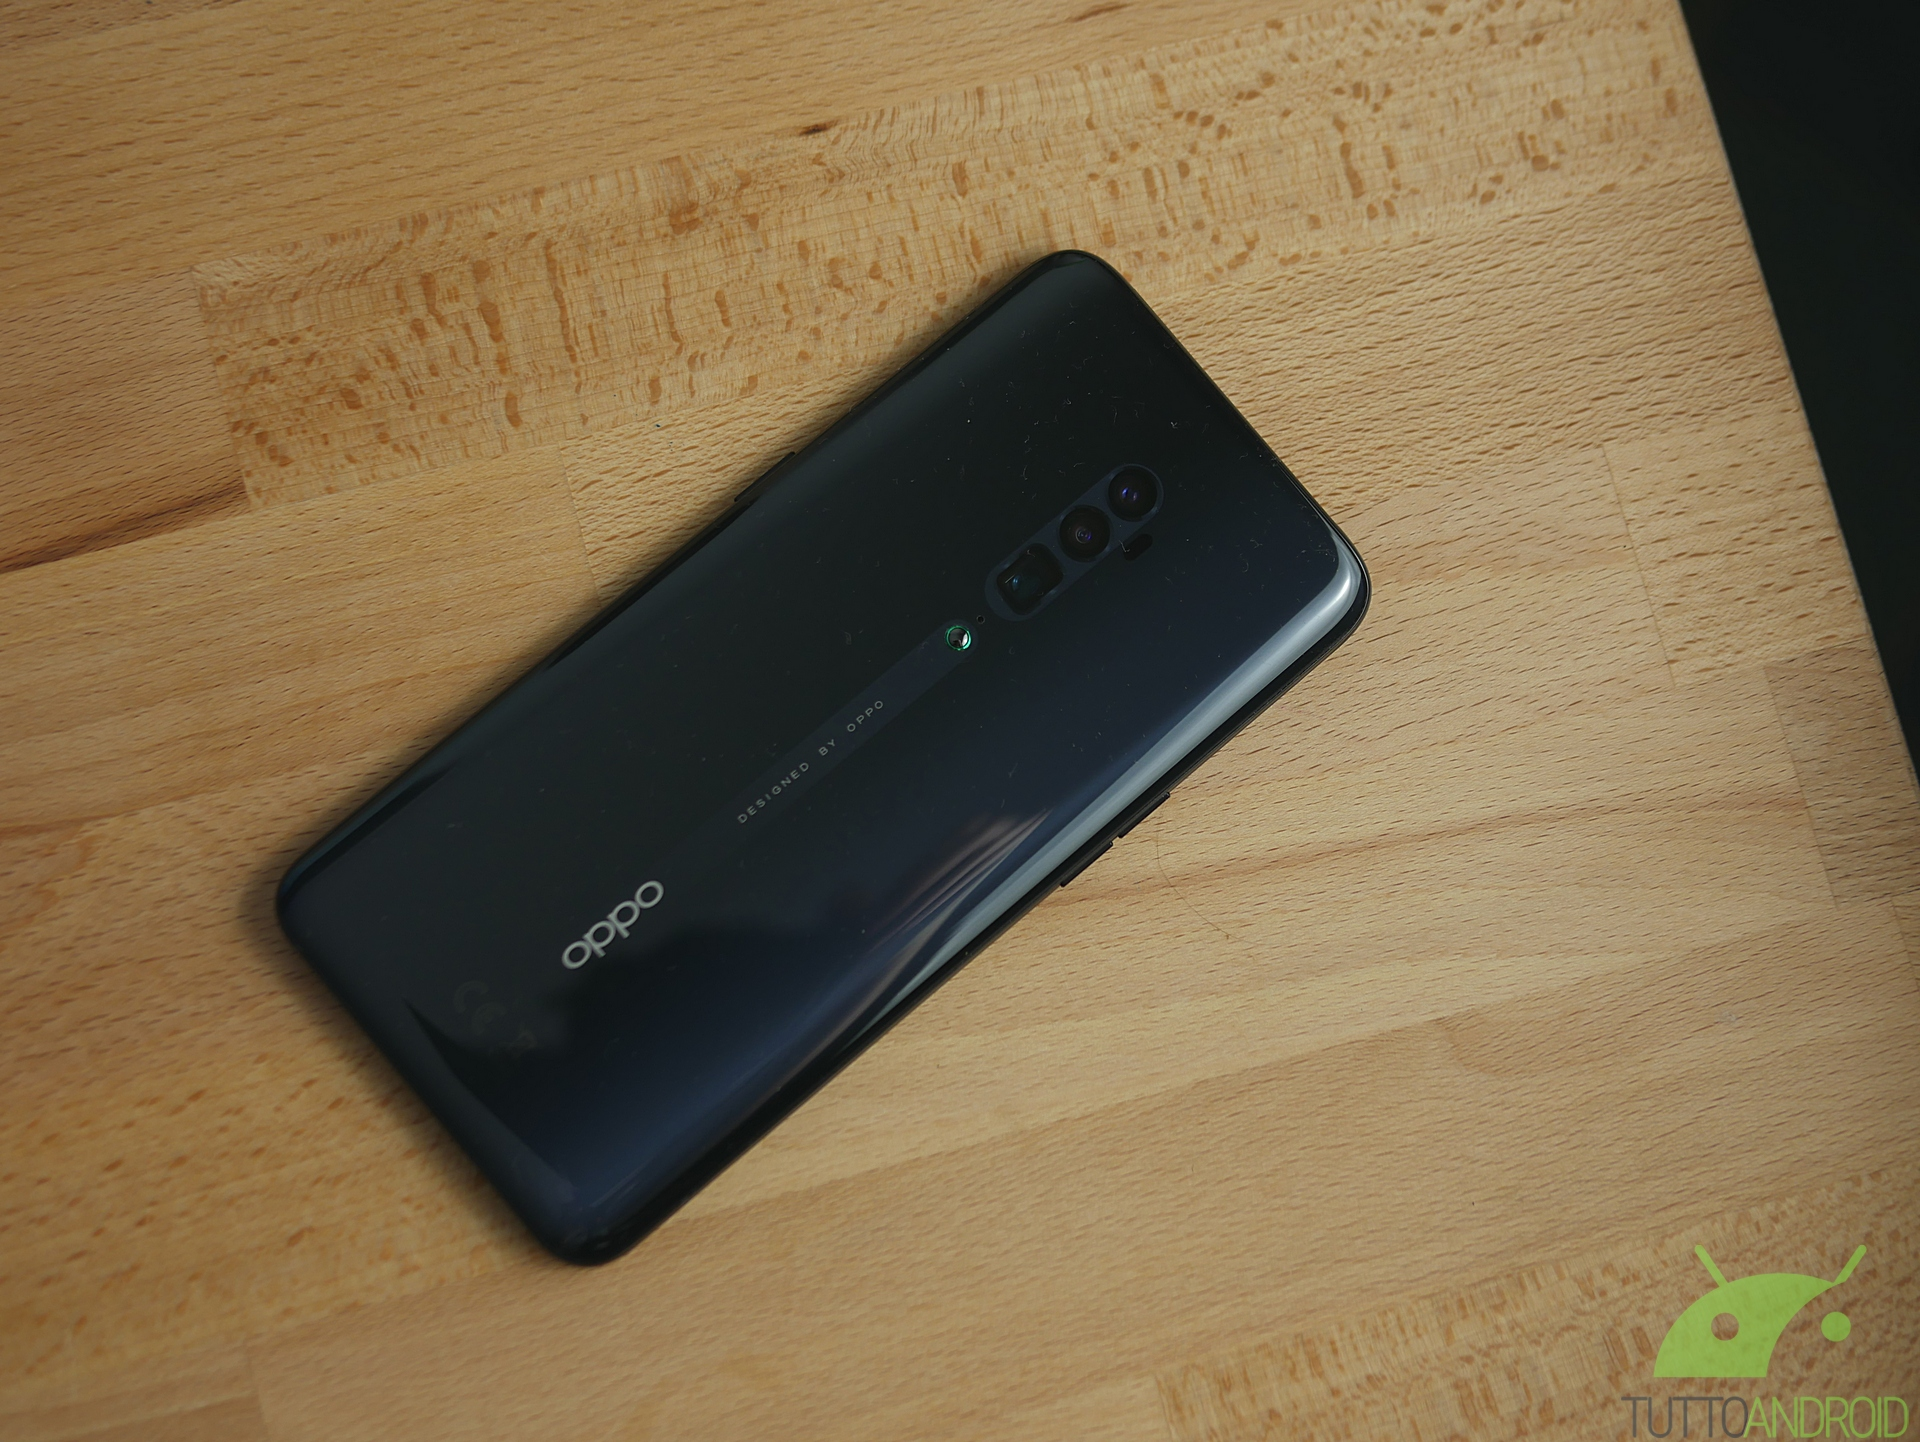 OPPO Reno 10X è un camera phone, al pari di Huawei P30 Pro e